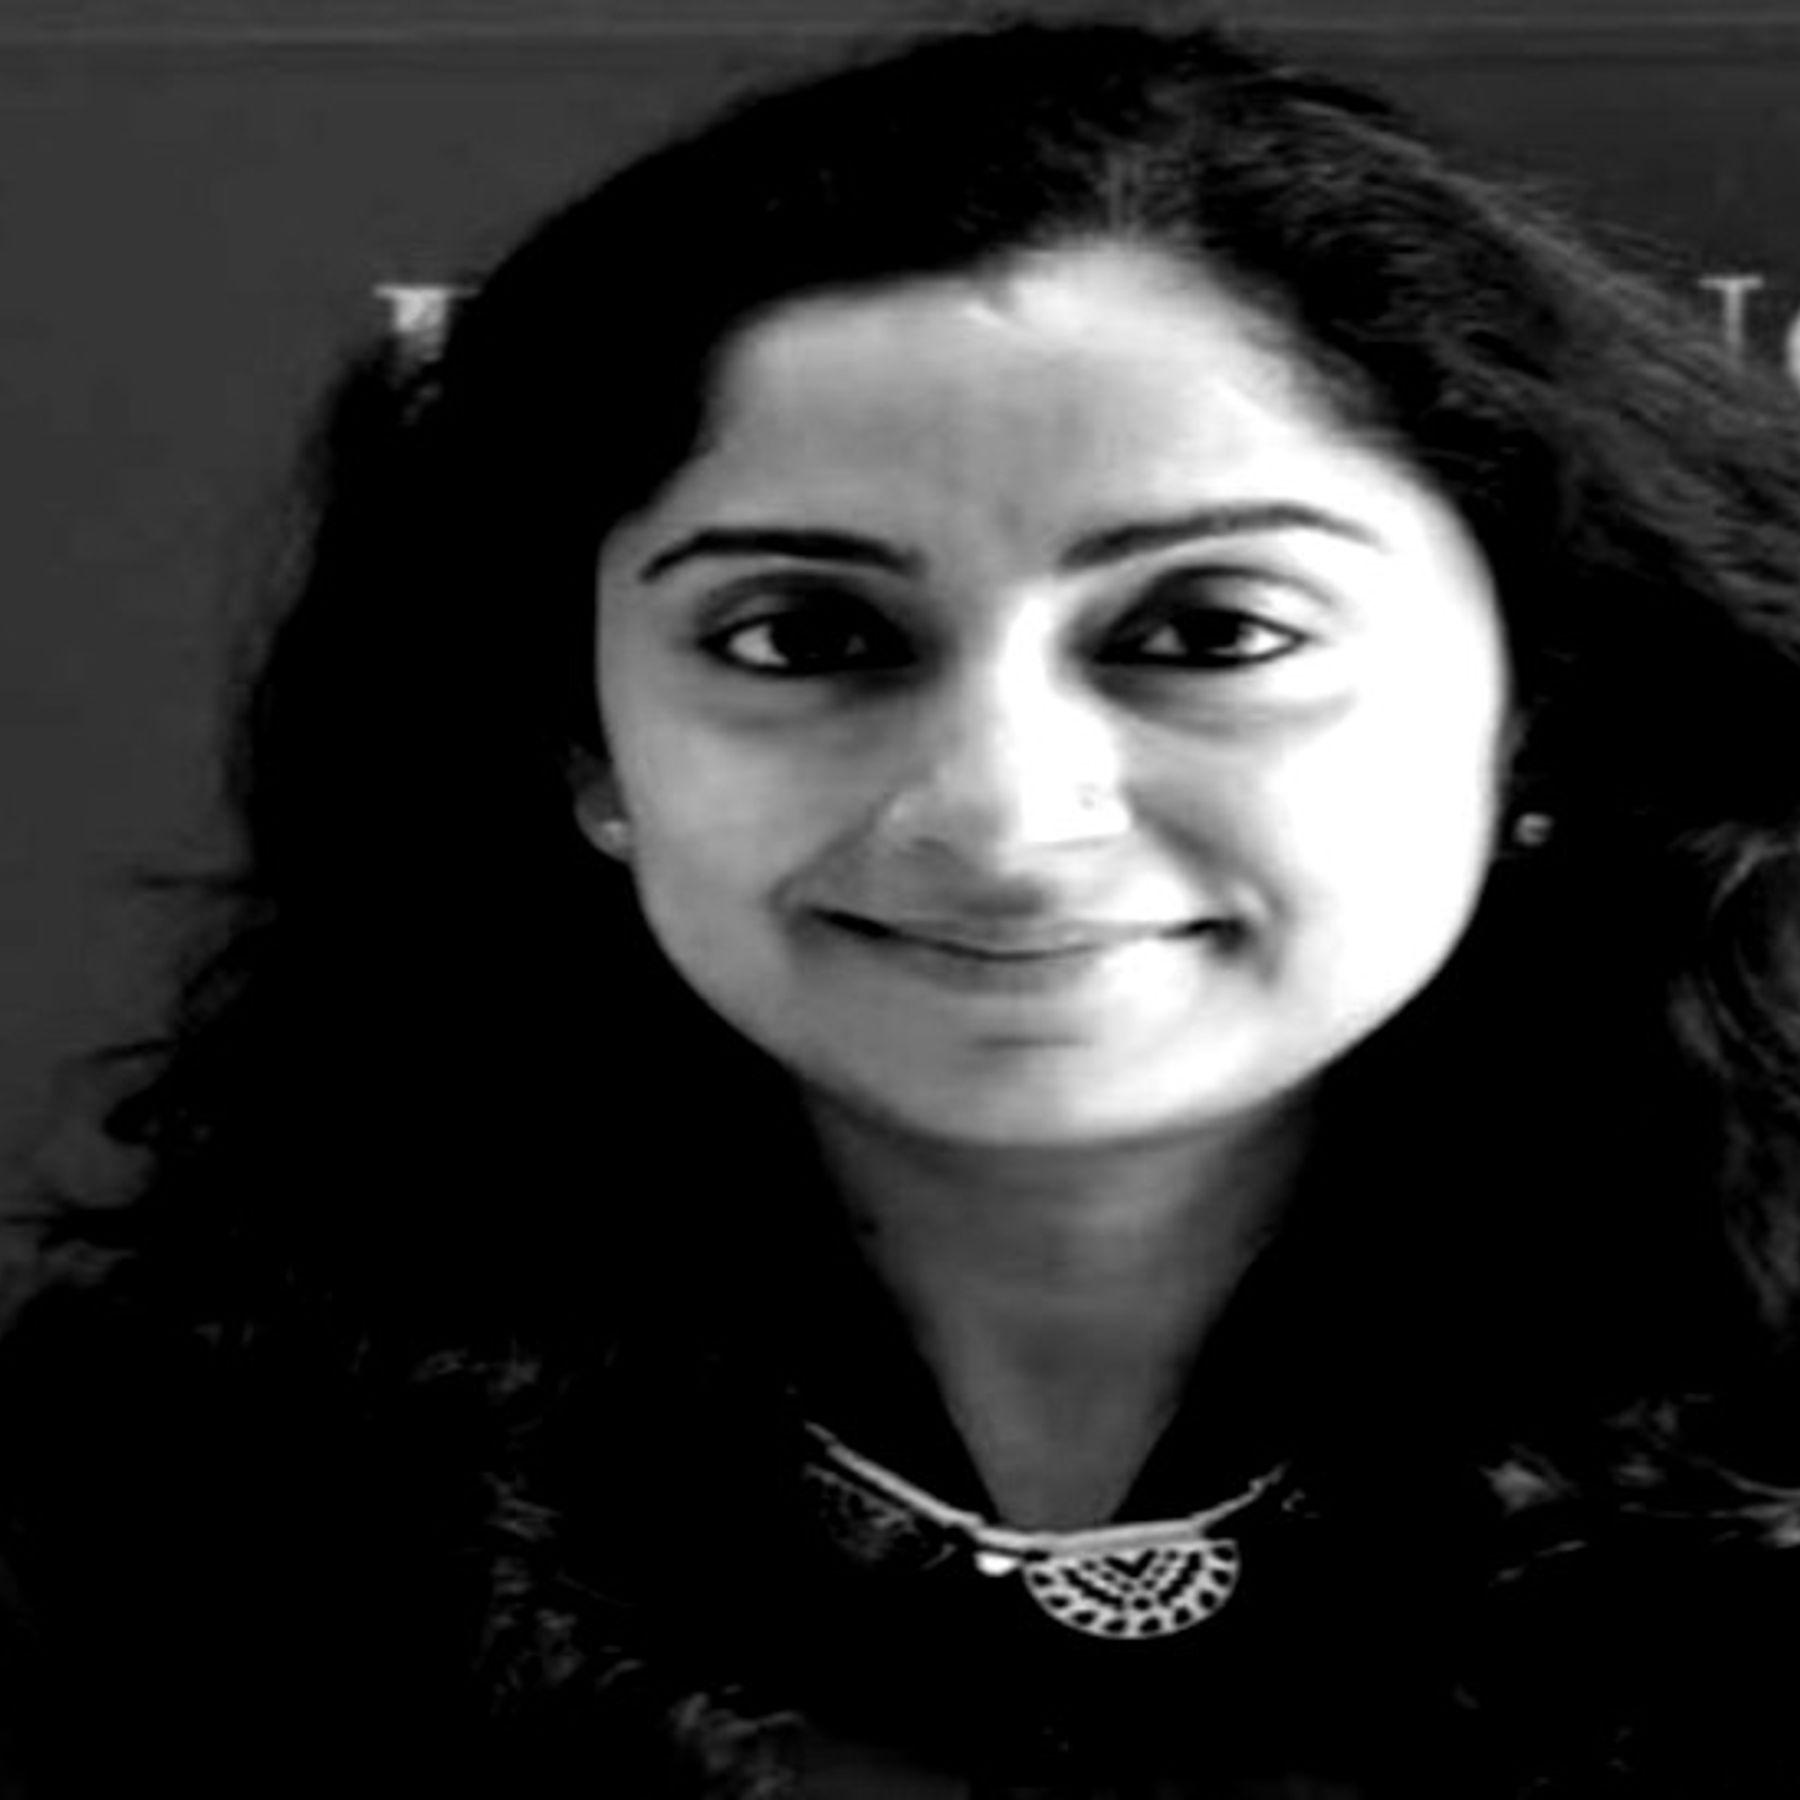 तीसरी लहर के डर में न रहें; रिकवरी के लिए काम करें, कोरोना के साथ जीने की रणनीतियां बनें|ओपिनियन,Opinion - Dainik Bhaskar